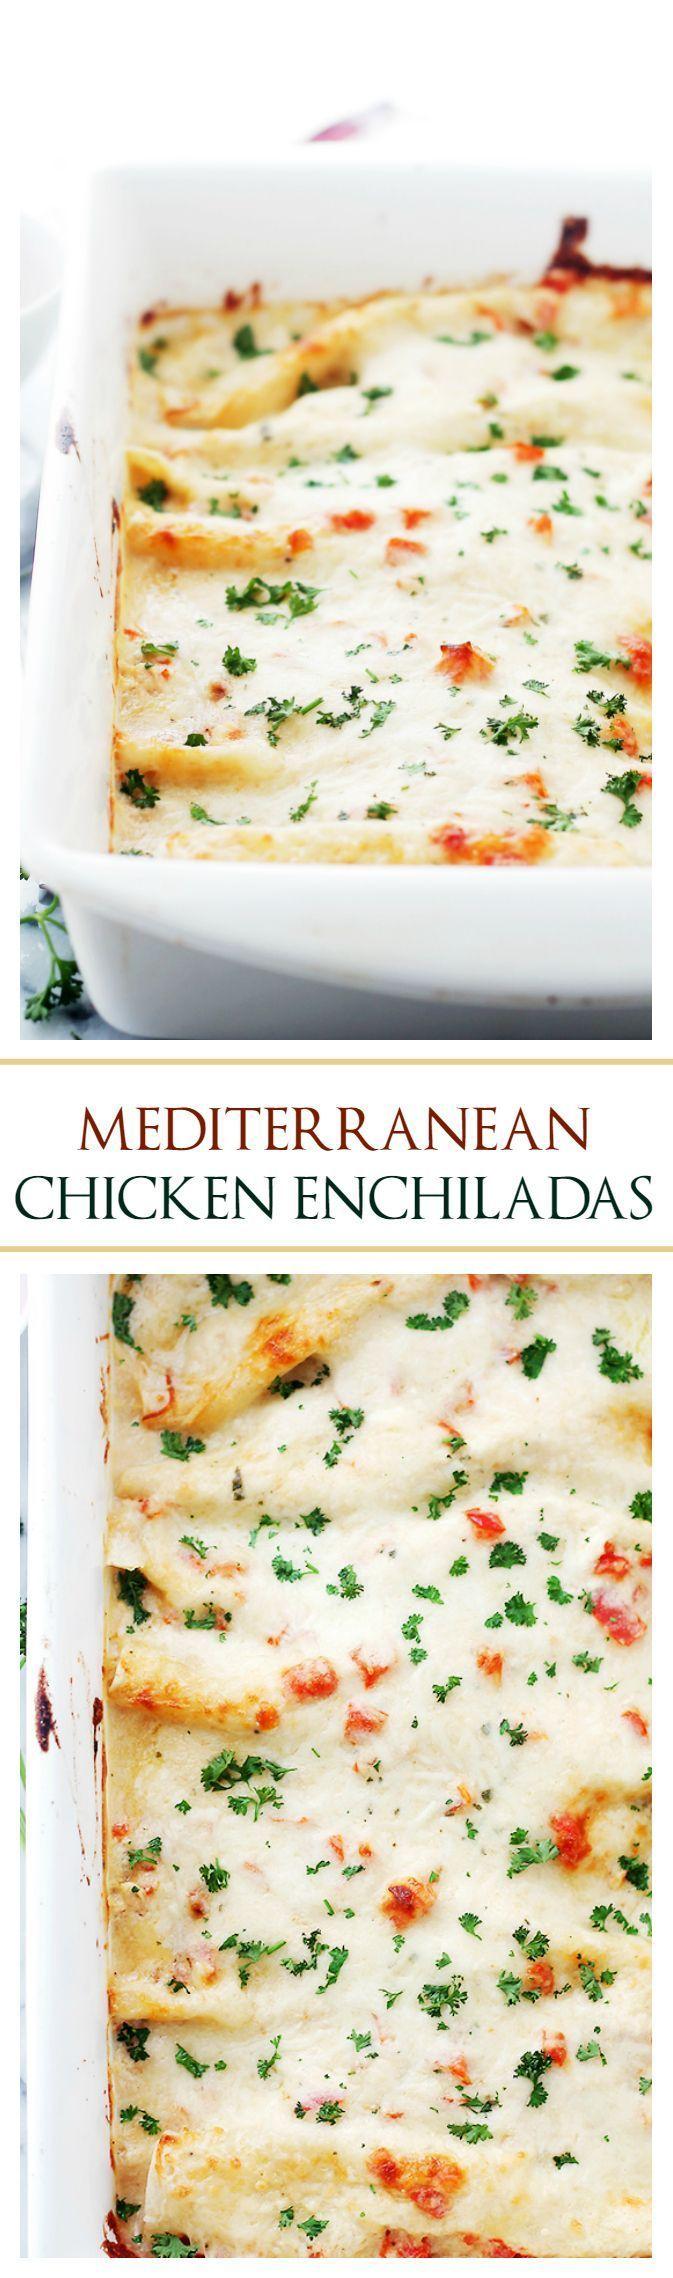 69 best Lebanese Entrees images on Pinterest | Lebanese cuisine ...